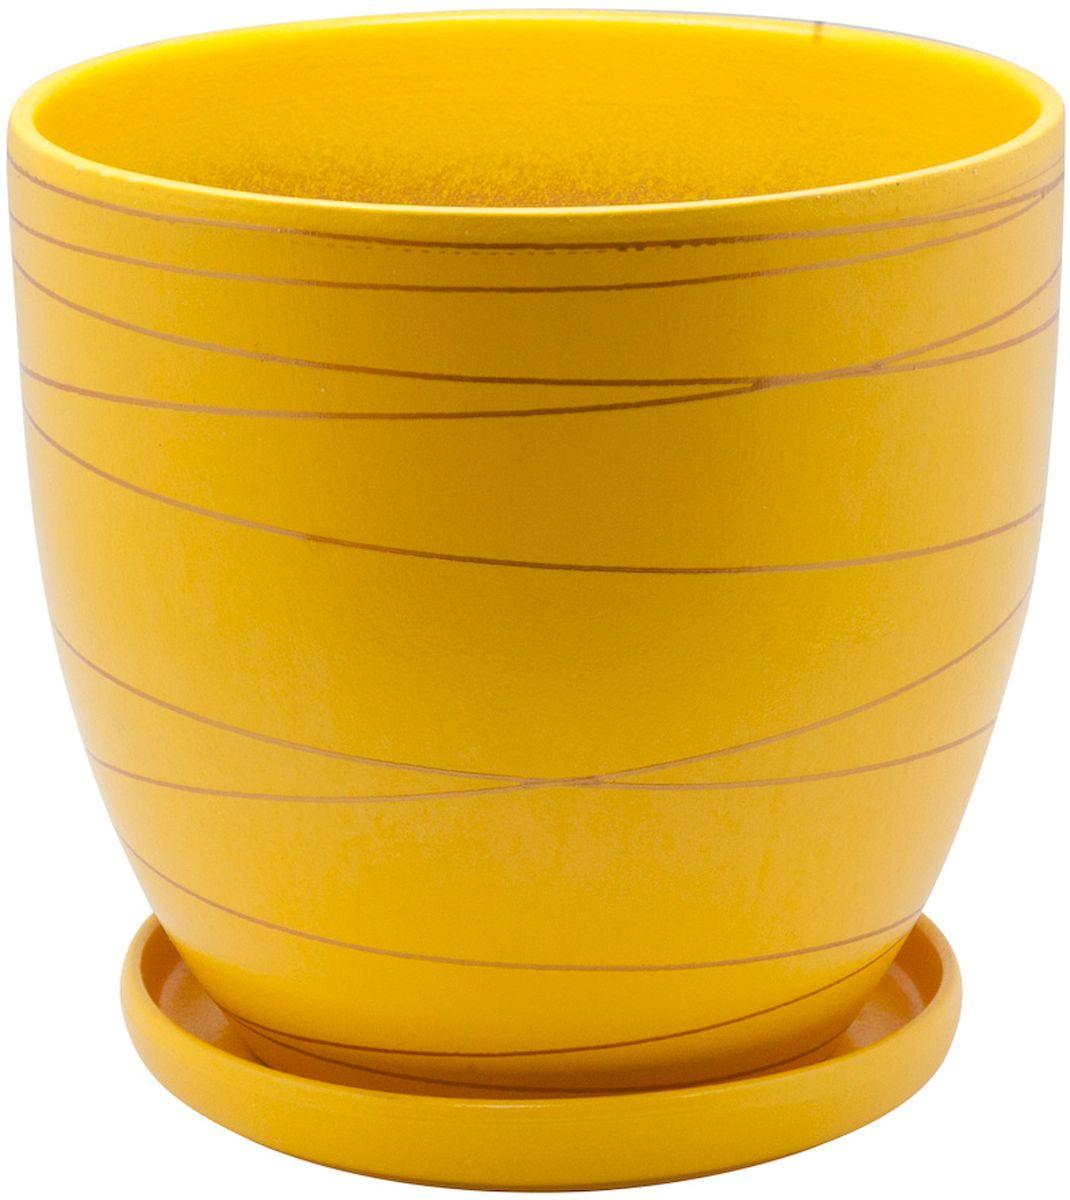 Горшок цветочный Engard, с поддоном, цвет: желтый, 0,5 л531-301Керамический горшок - это идеальное решение для выращивания комнатных растений и создания изысканности в интерьере. Керамический горшок сделан из высококачественной глины в классической форме и оригинальном дизайне.